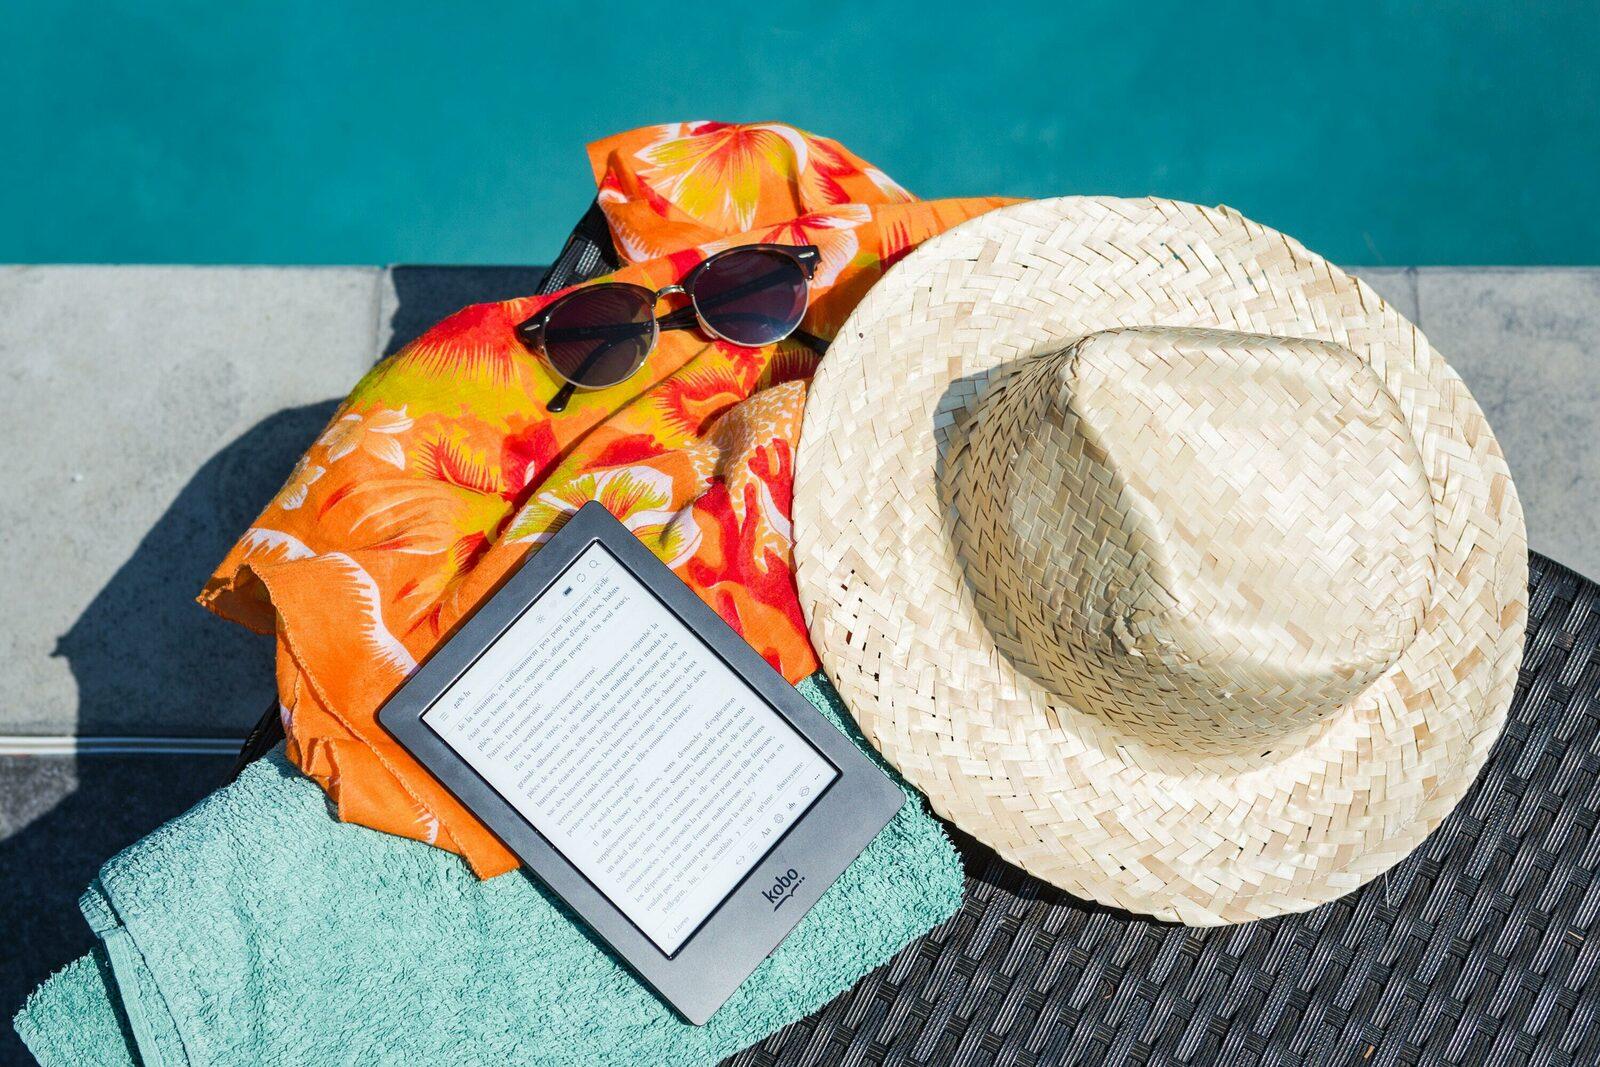 Onbeperkt lezen en luisteren tijdens je vakantie